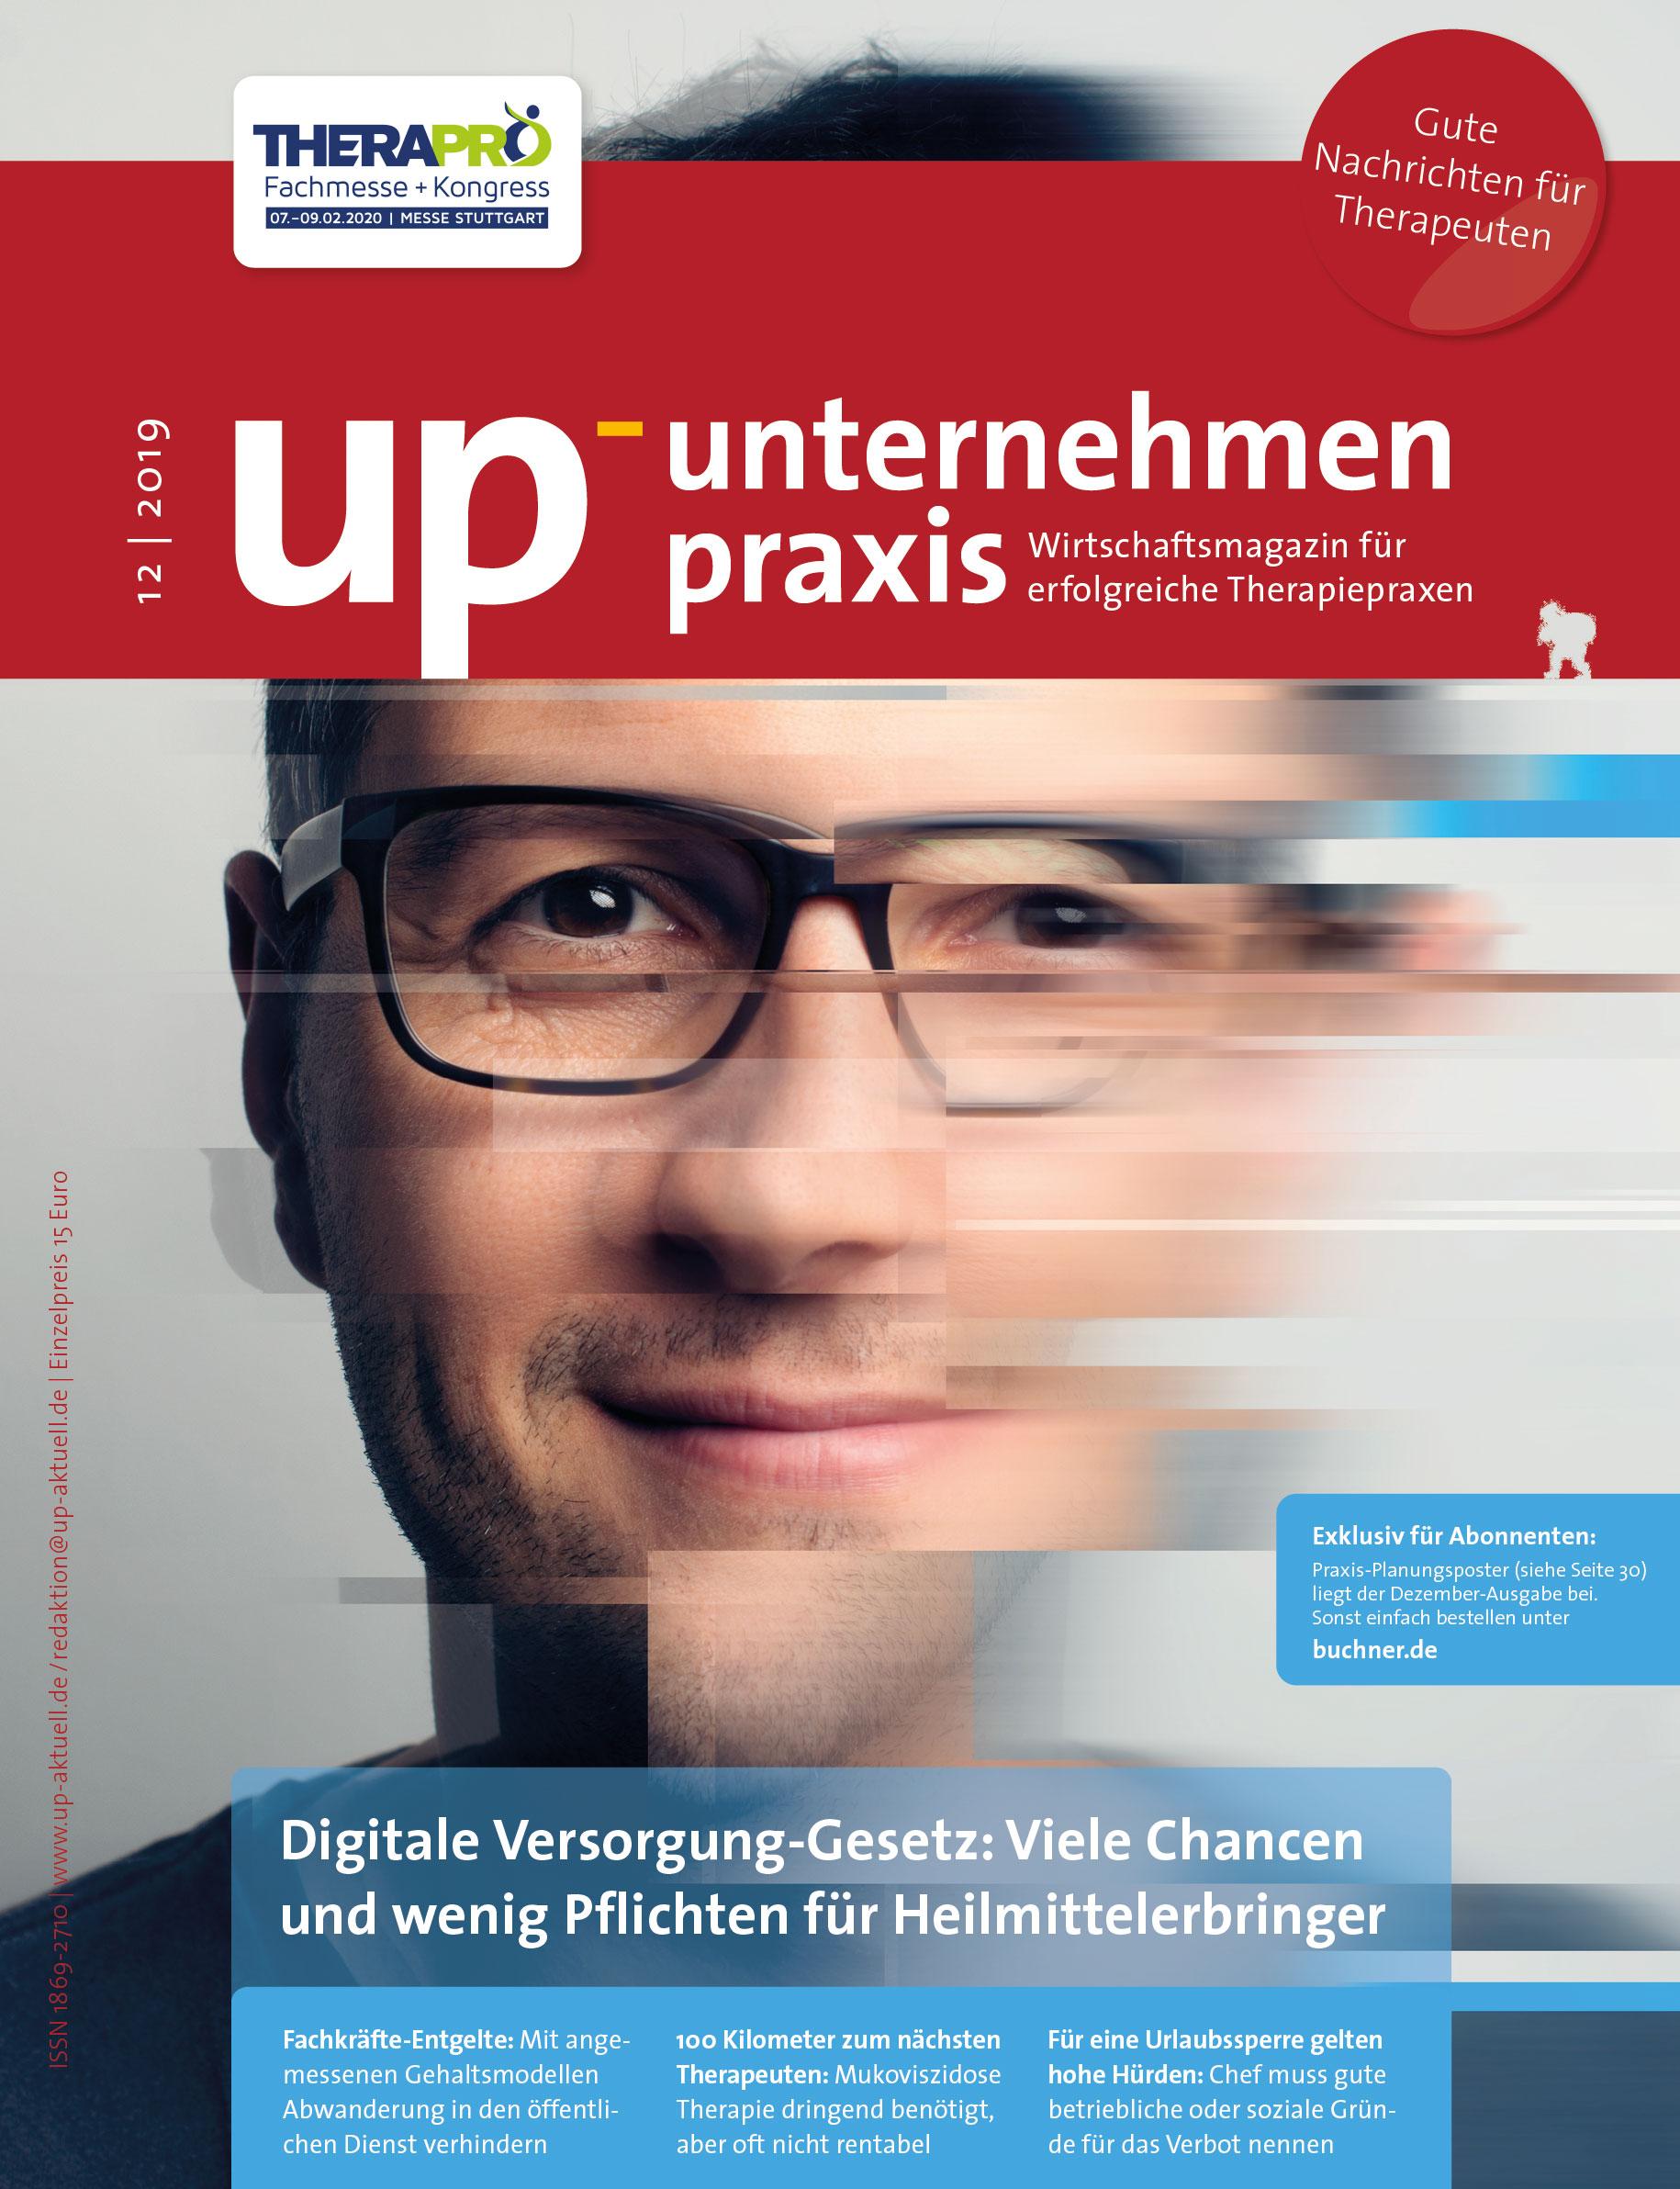 Ausgabe 12/2019 Digitale Versorgung-Gesetz: Viele Chancen und wenig Pflichten für Heilmittelerbringer